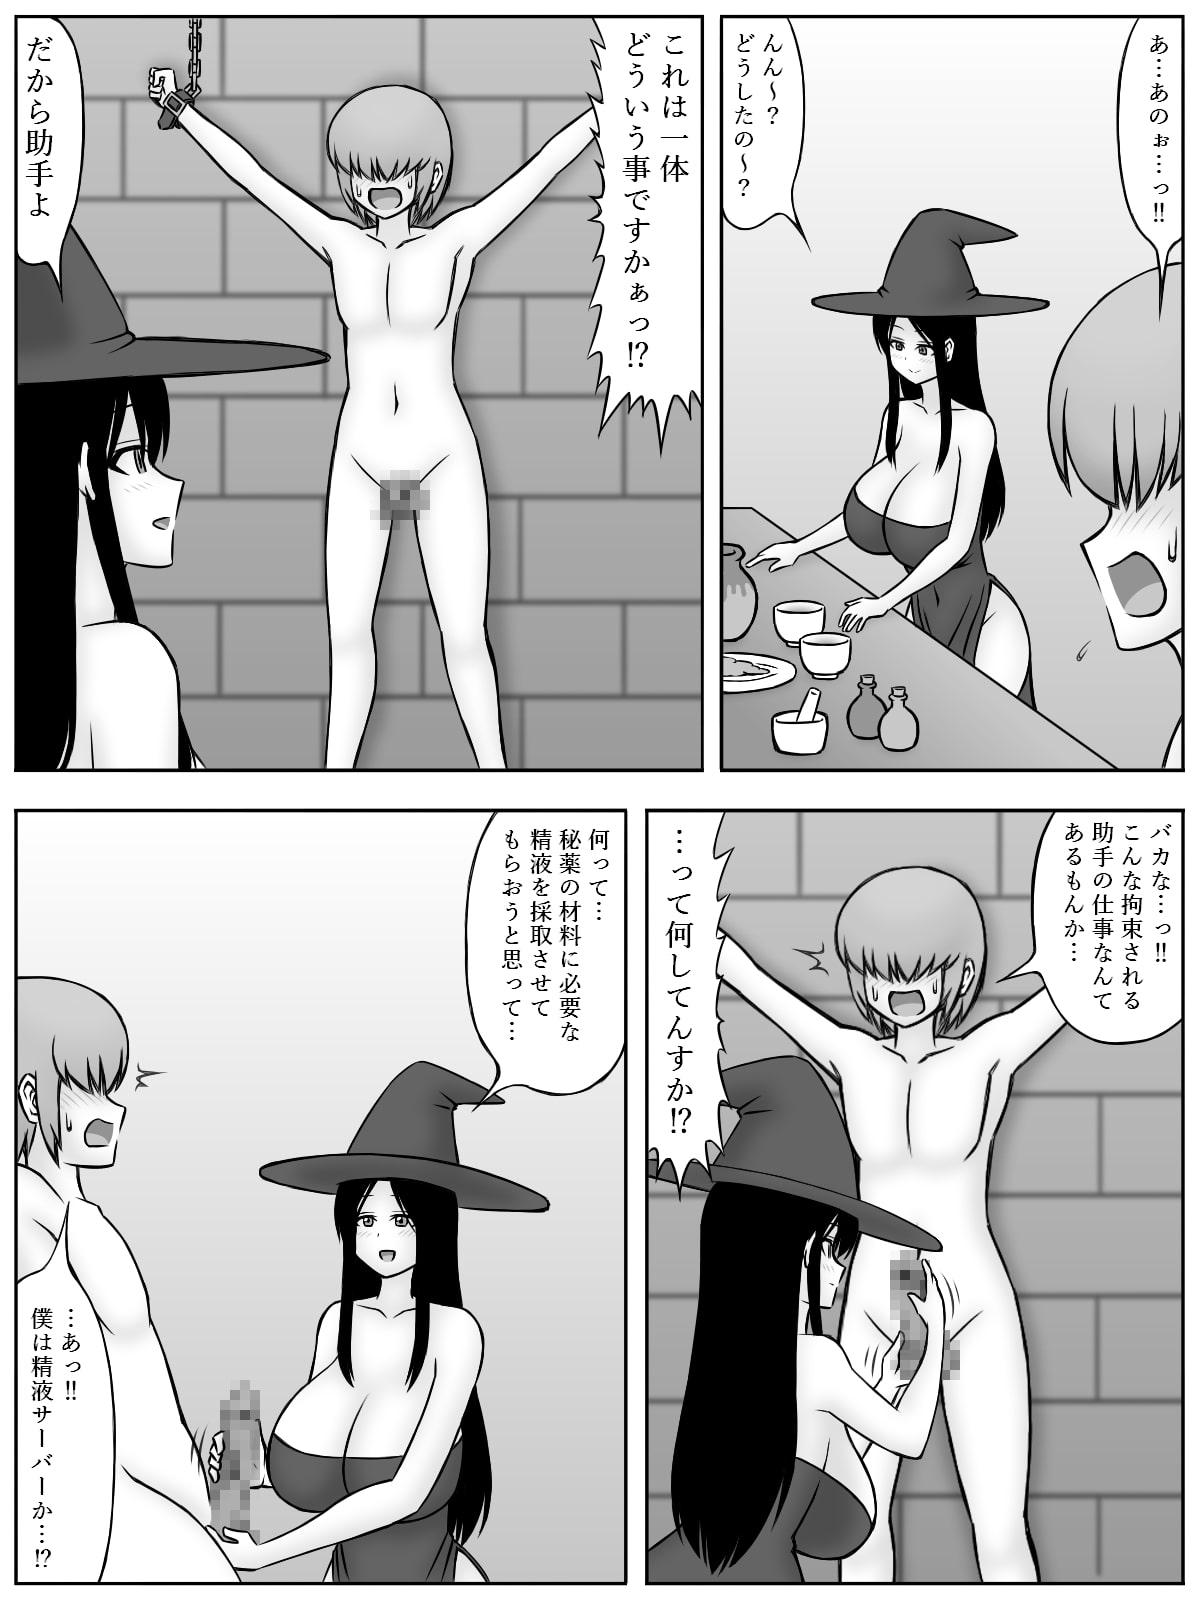 魔女の助手になってみたら…